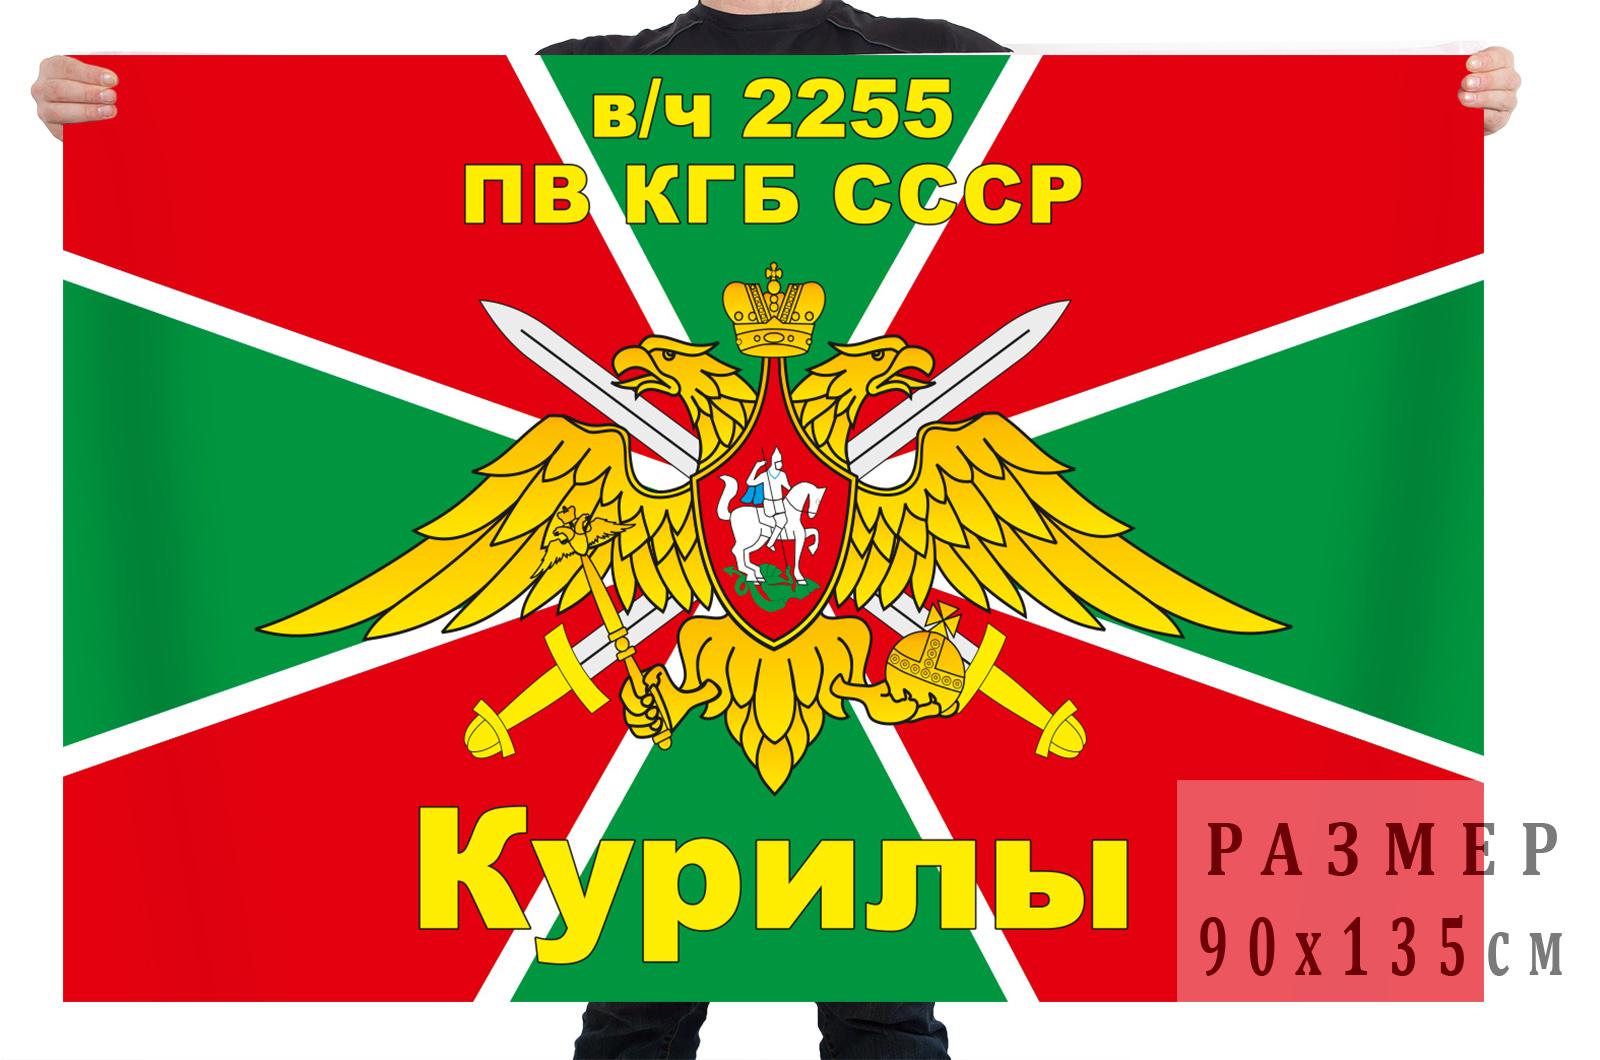 Флаг в/ч 2255 ПВ КГБ СССР